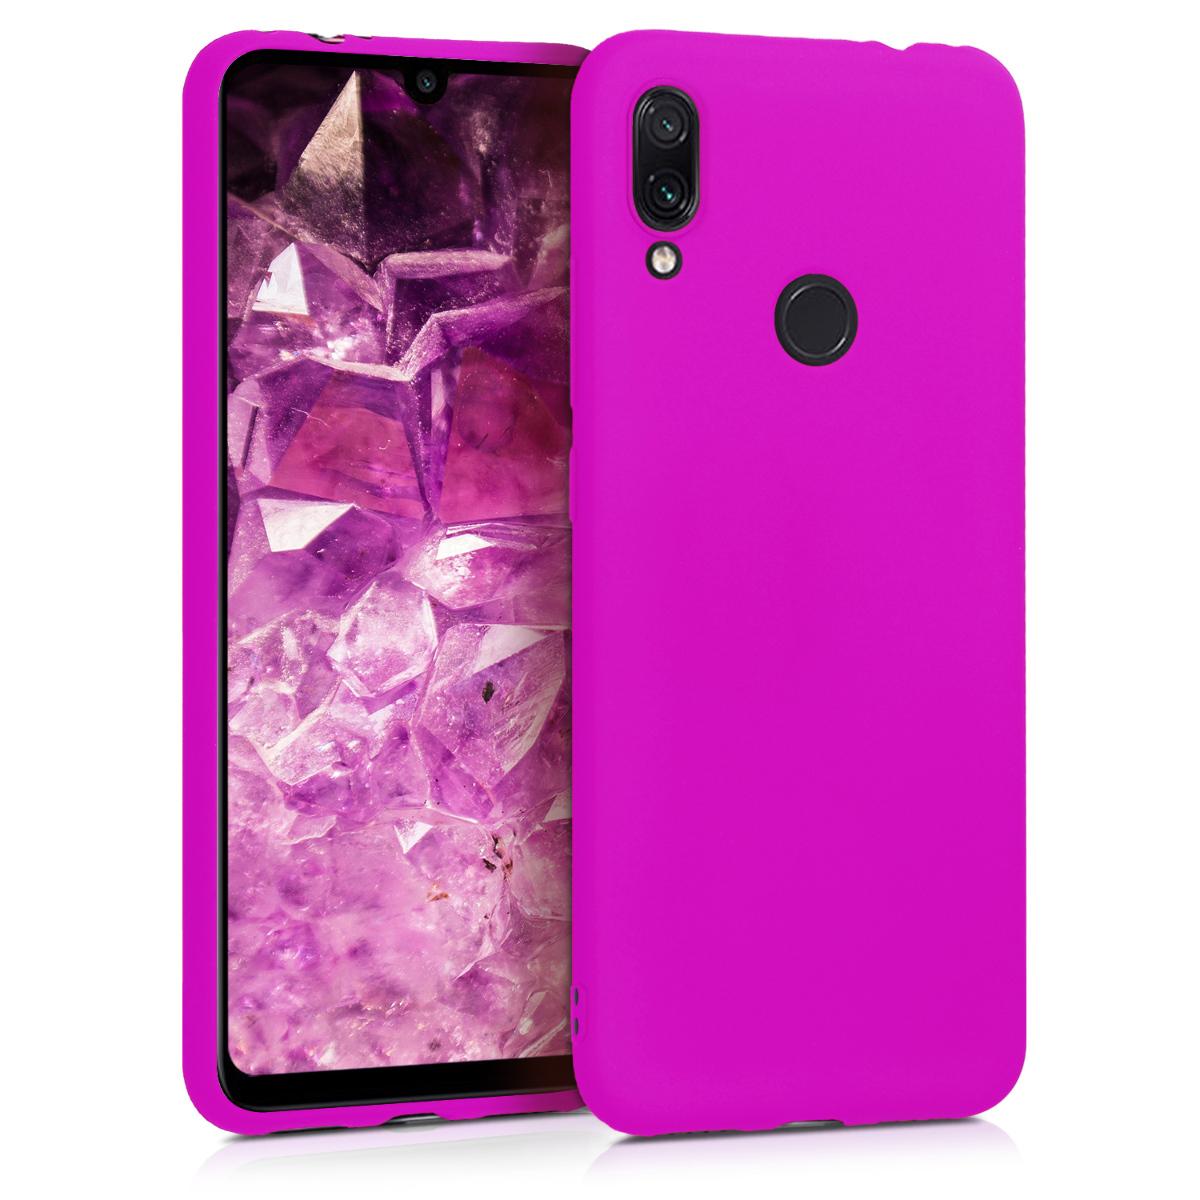 KW Θήκη Σιλικόνης Xiaomi Redmi Note 7 / Note 7 Pro - Neon Violet (48153.82)